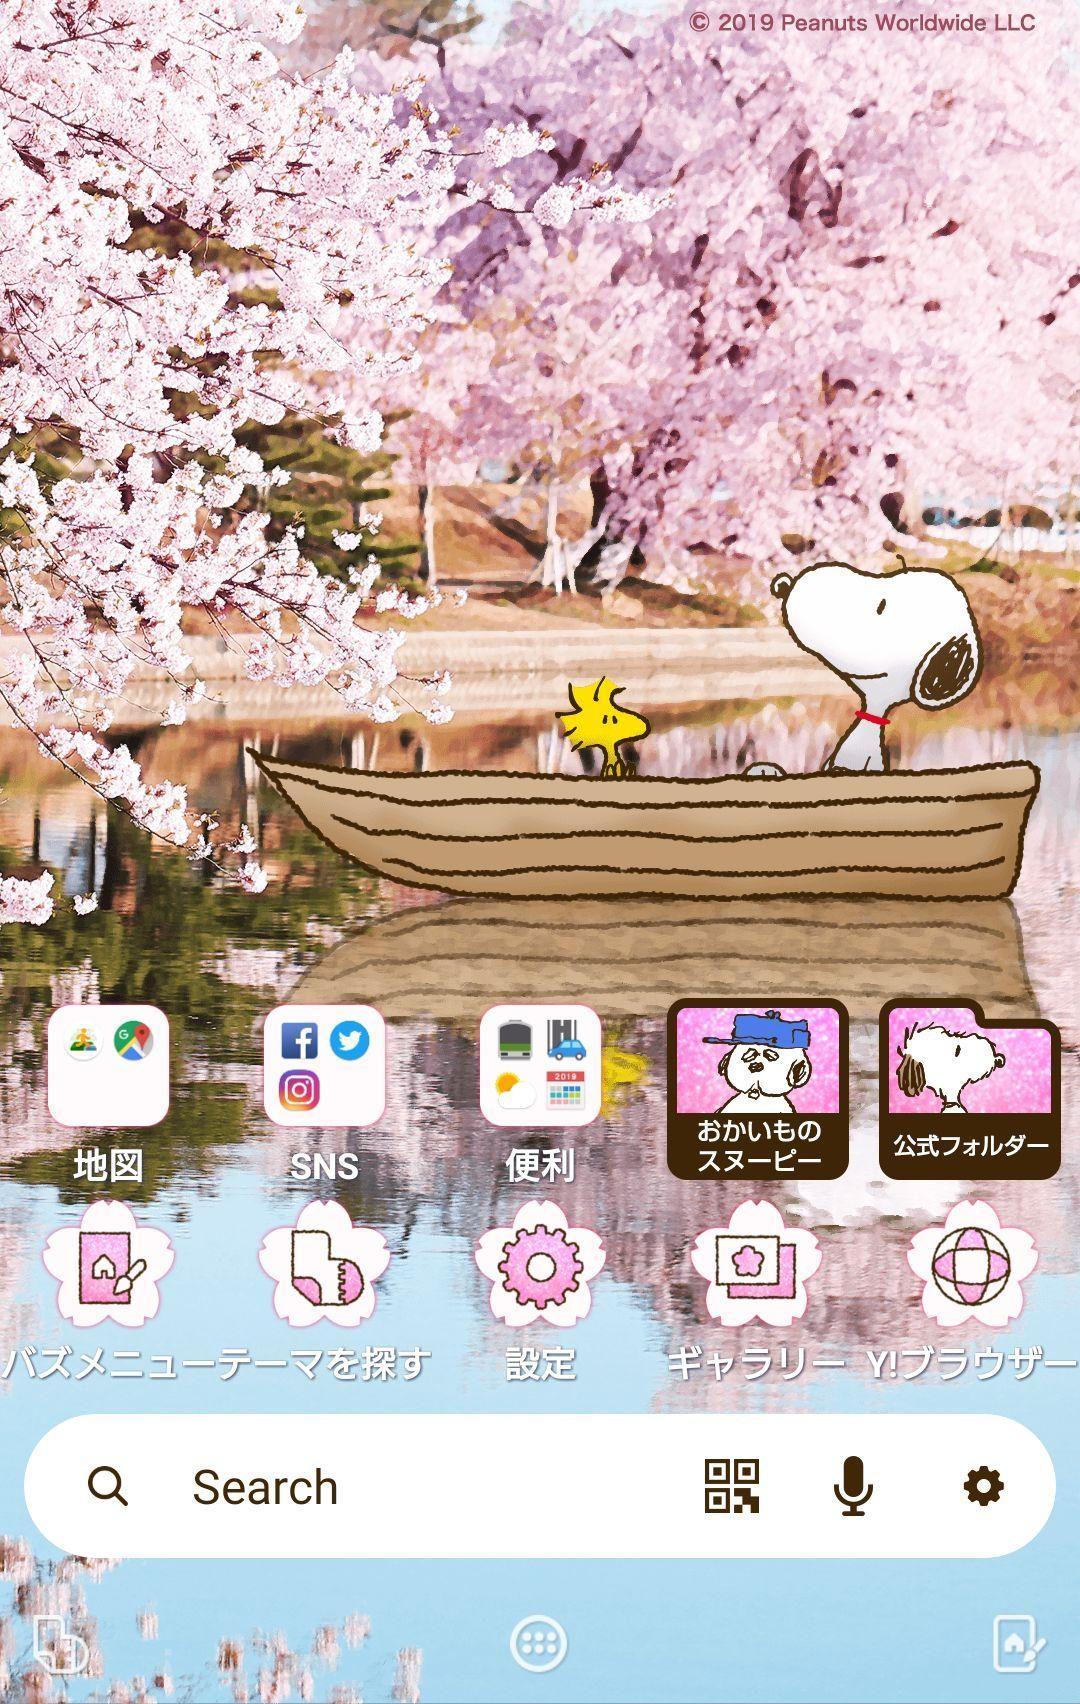 スヌーピーの公式きせかえテーマに春の桜デザインが新登場 壁紙 アイコン スマホきせかえ Yahoo きせかえアプリ スマホ壁紙 壁紙 スヌーピー イラスト